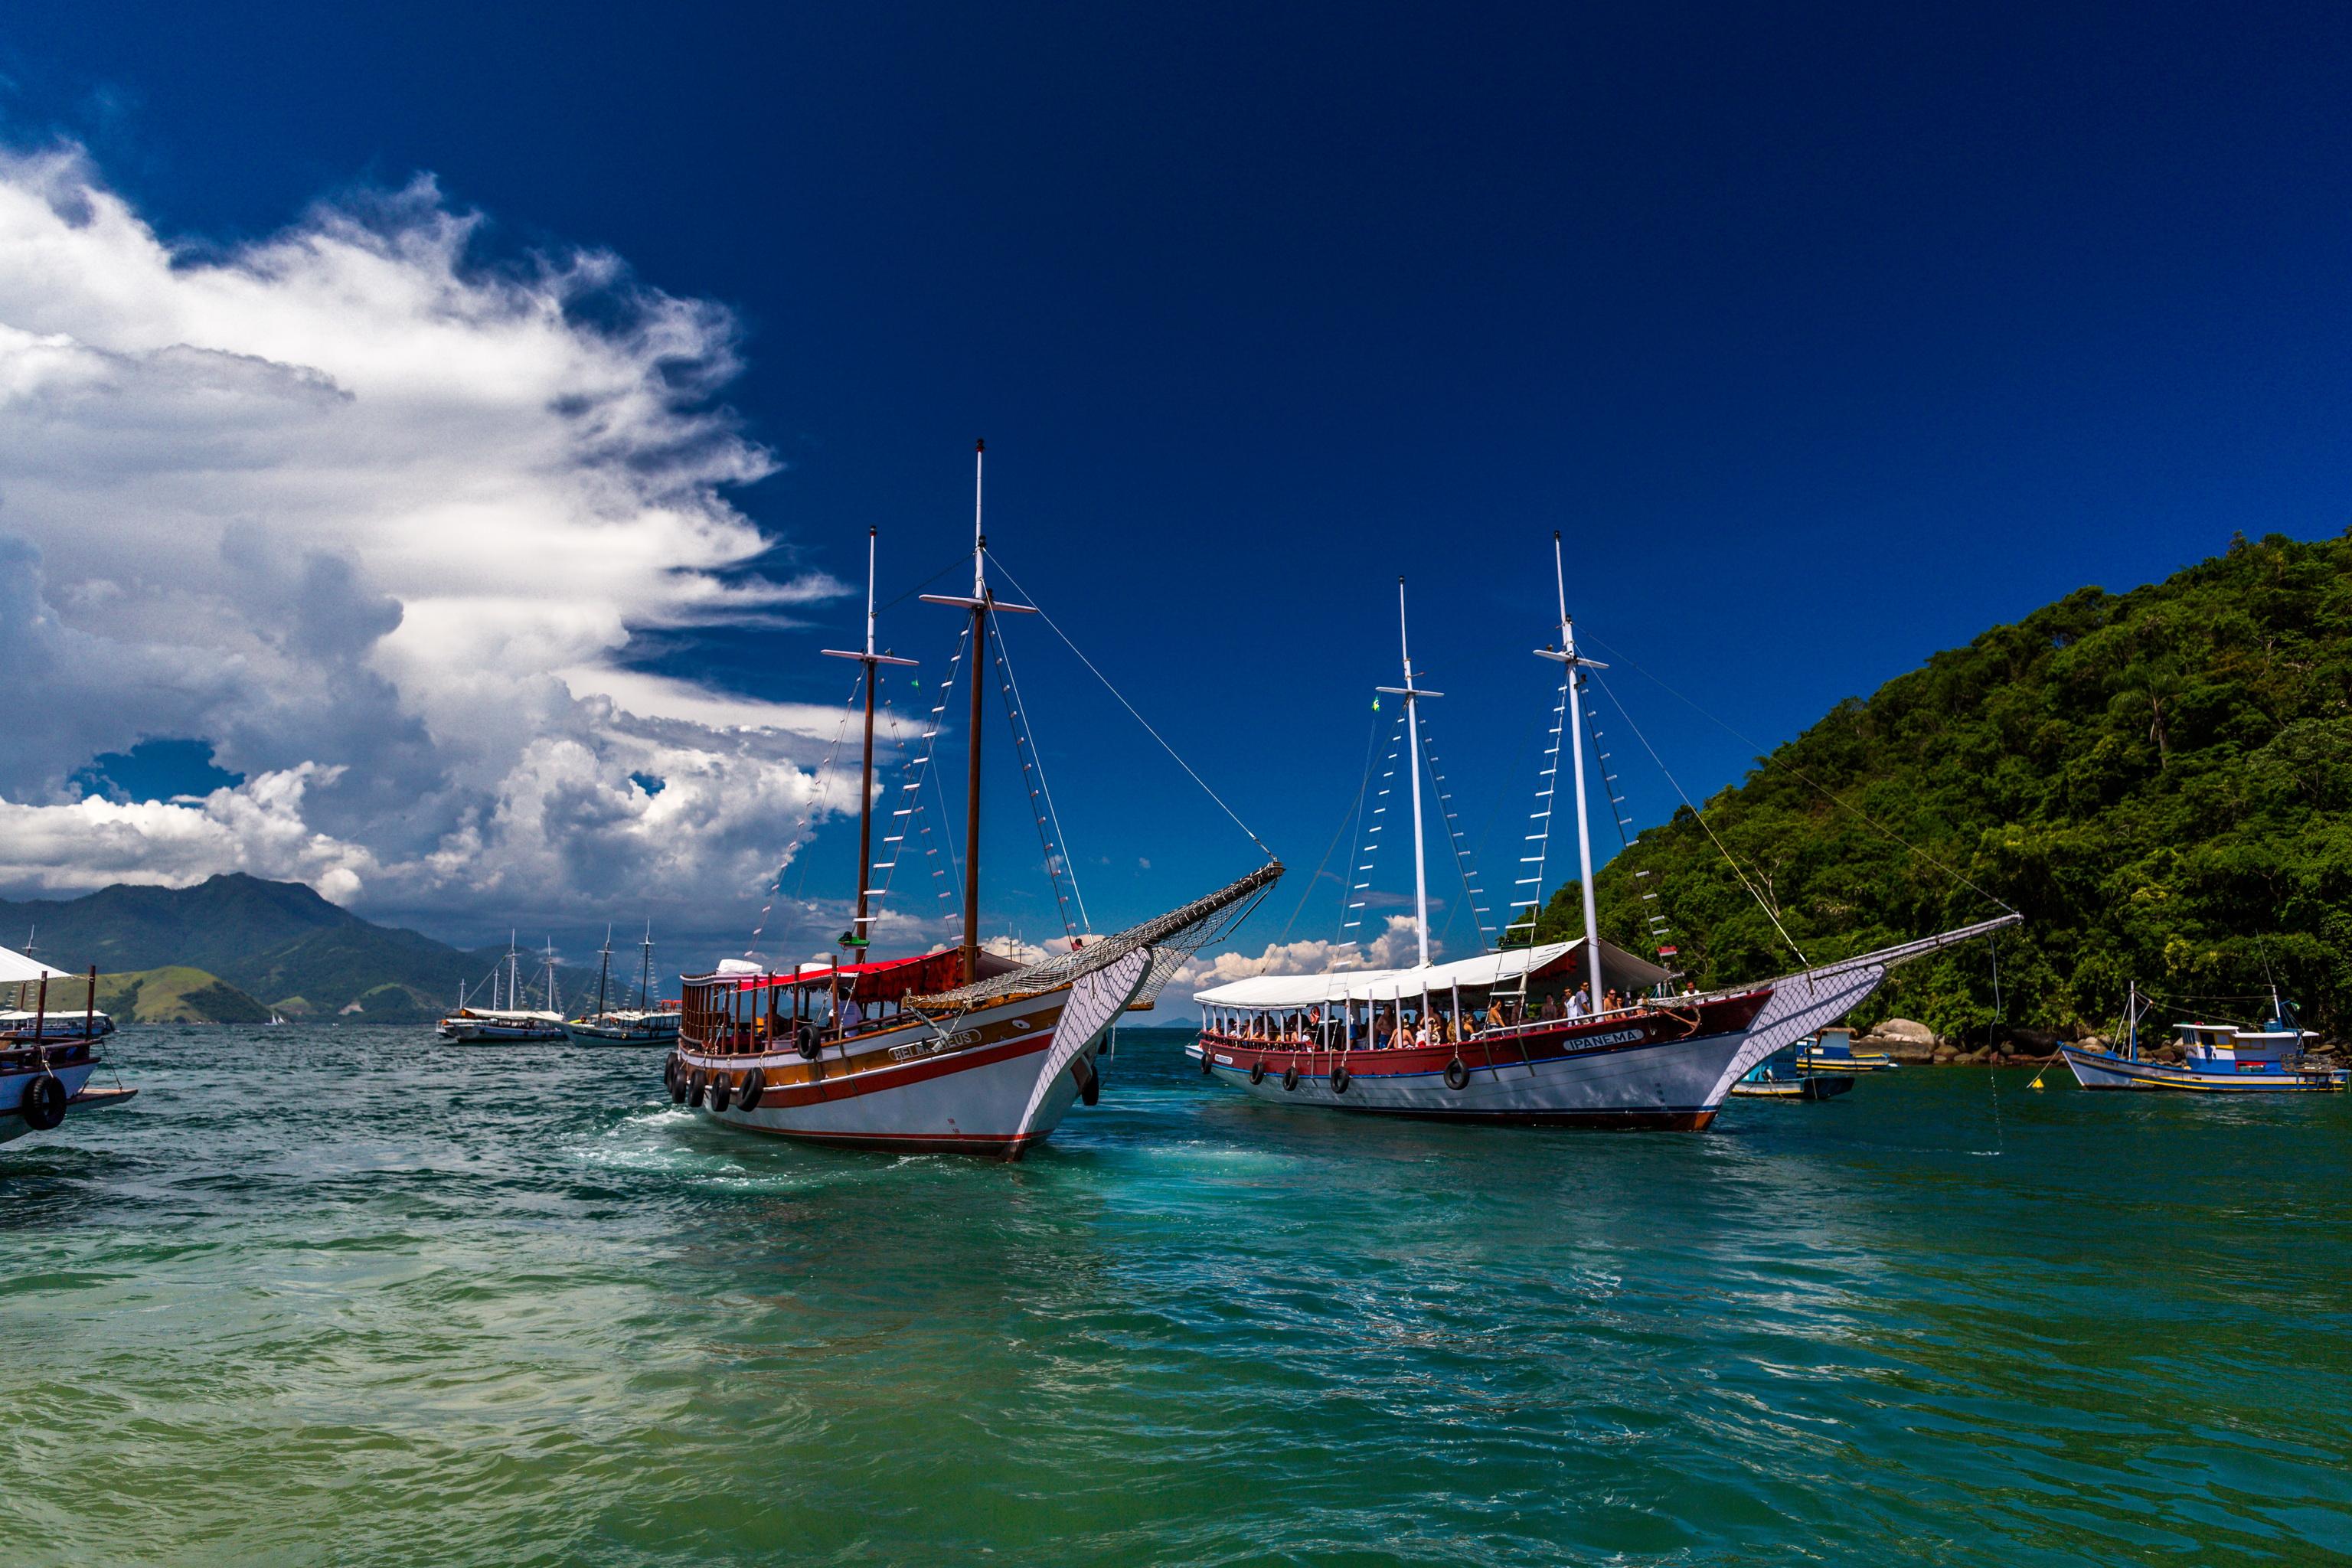 яхта парус море остров  № 3944500 без смс